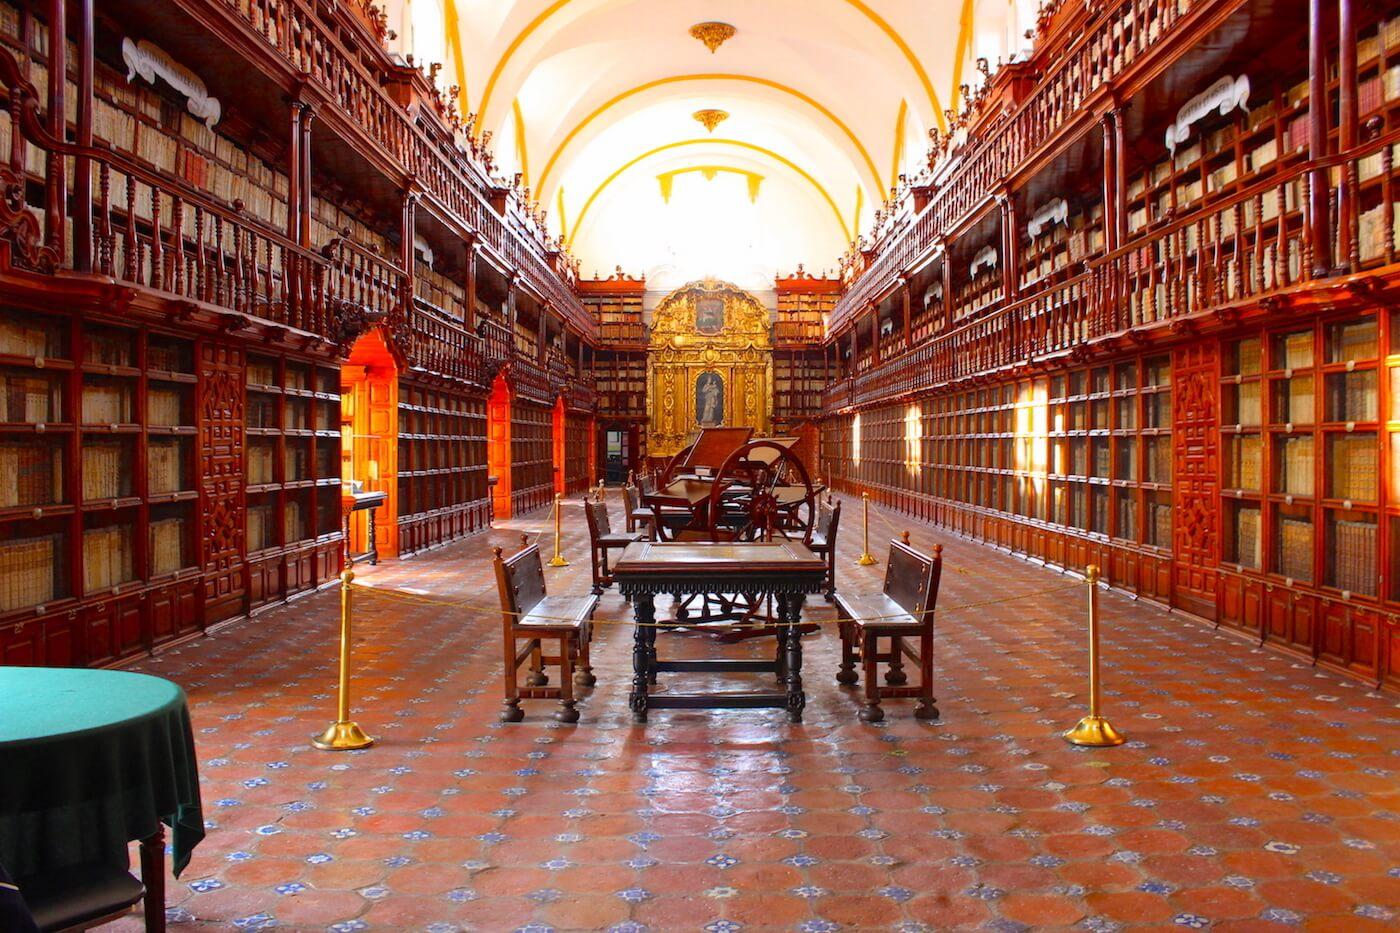 Biblioteca Palafoxiana in puebla